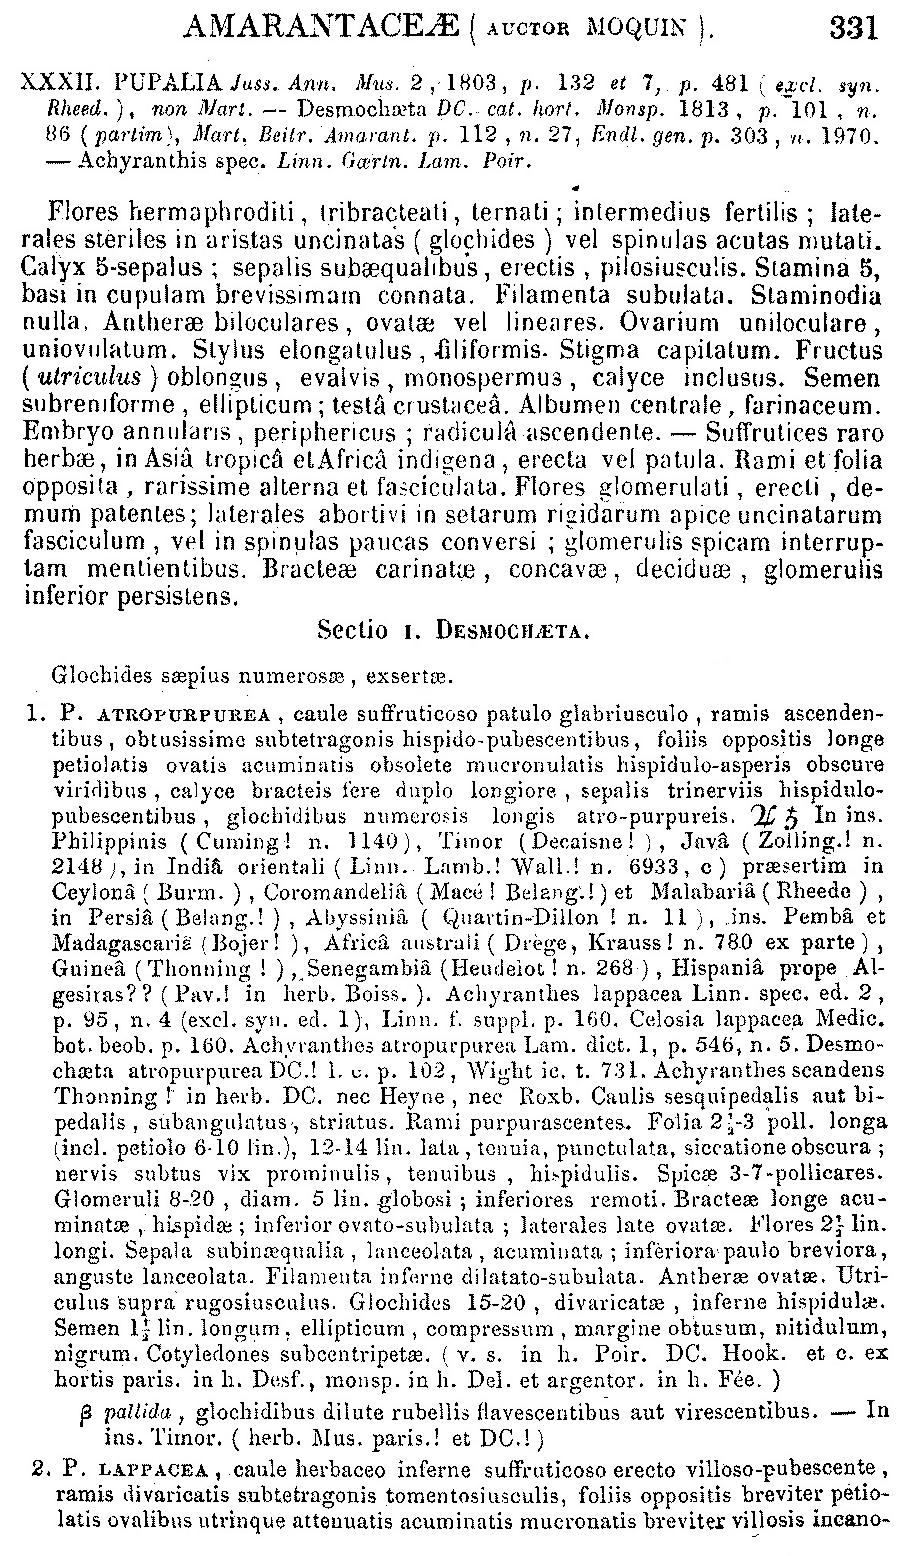 https://forum.plantarium.ru/misc.php?action=pun_attachment&item=28462